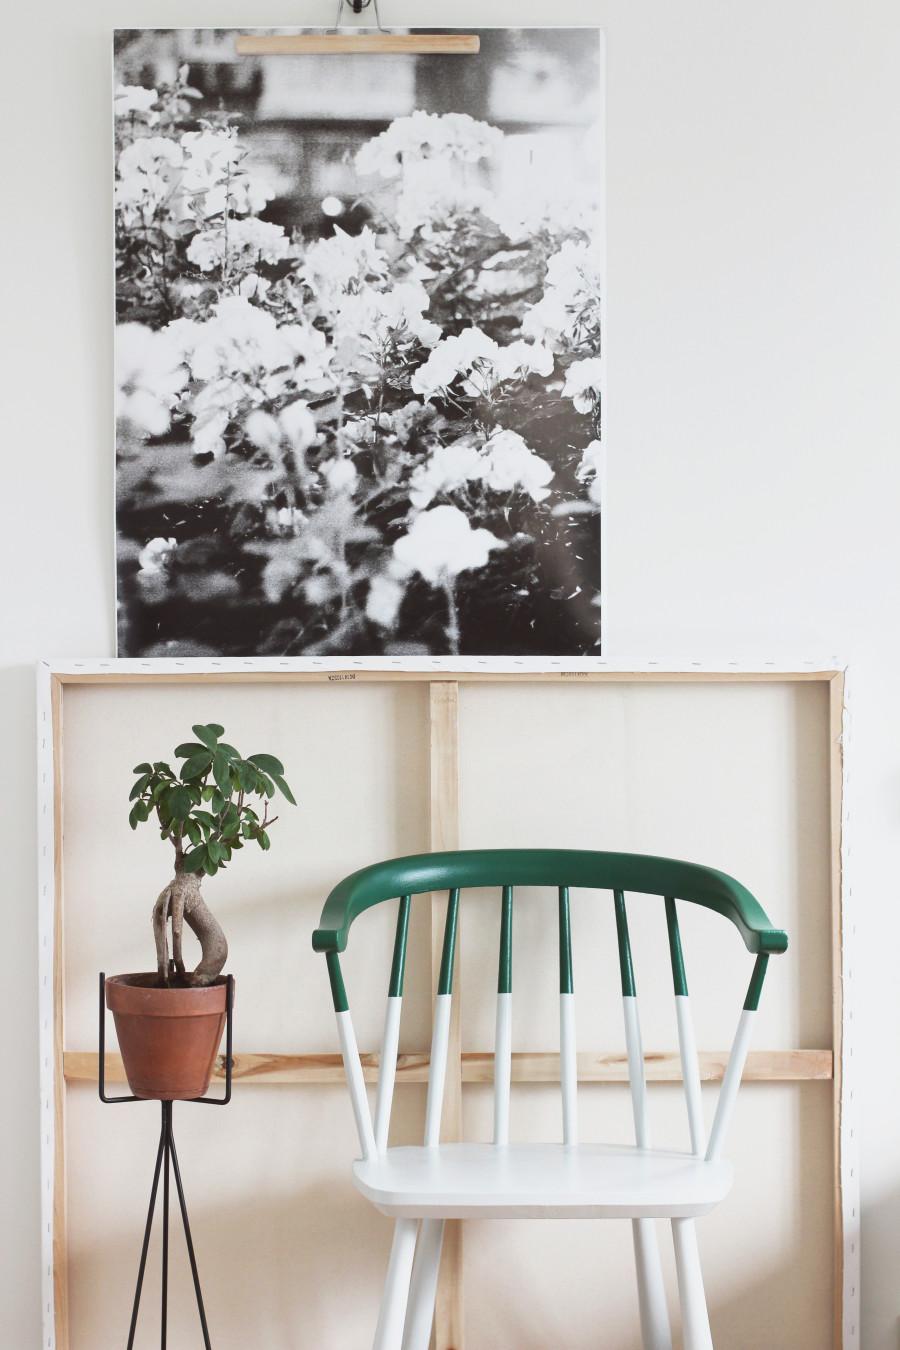 DIY halmålad stol hejregina